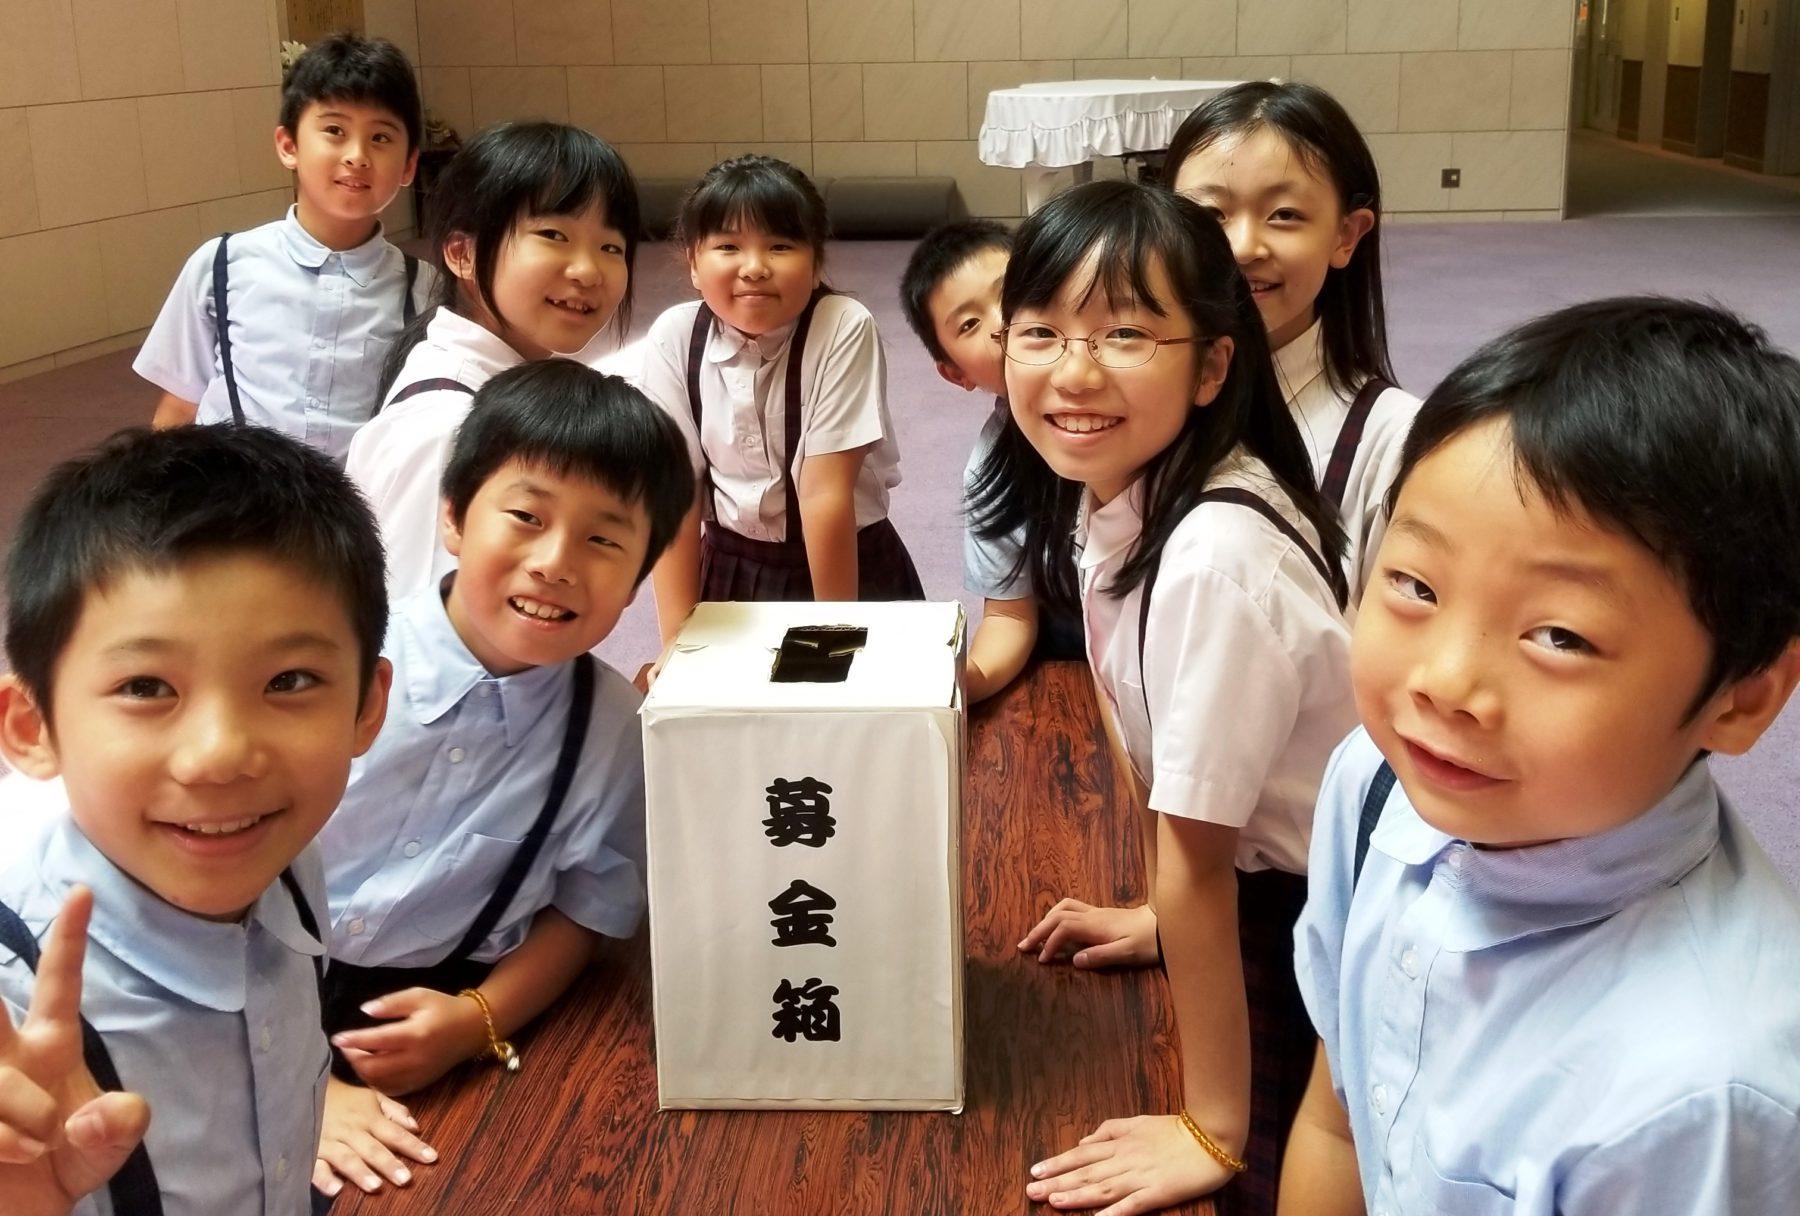 西日本豪雨被災者への募金にご賛助いただき、ありがとうございました。